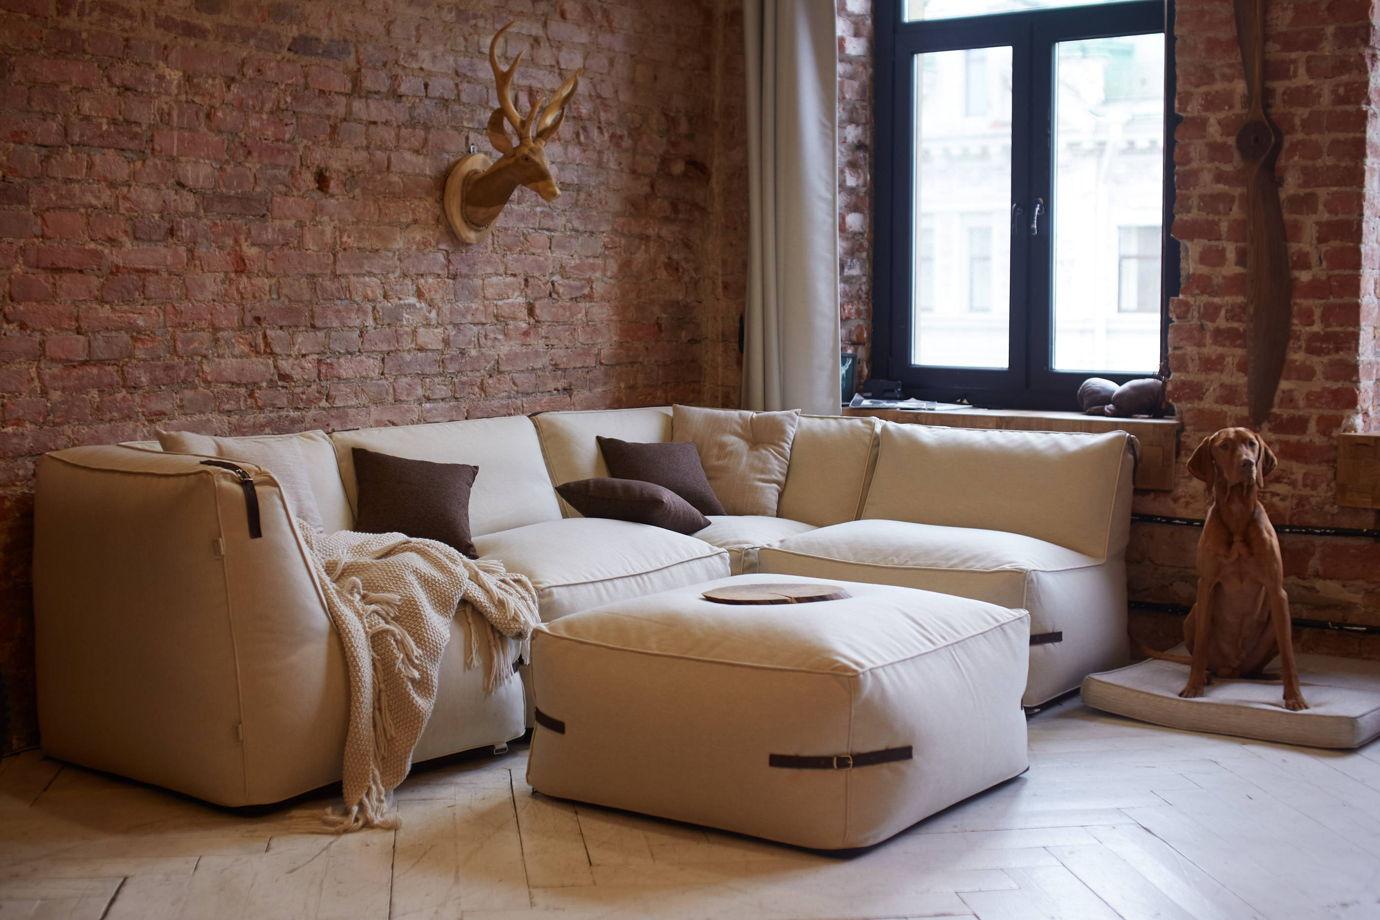 бескаркасная мебель фото дизайна